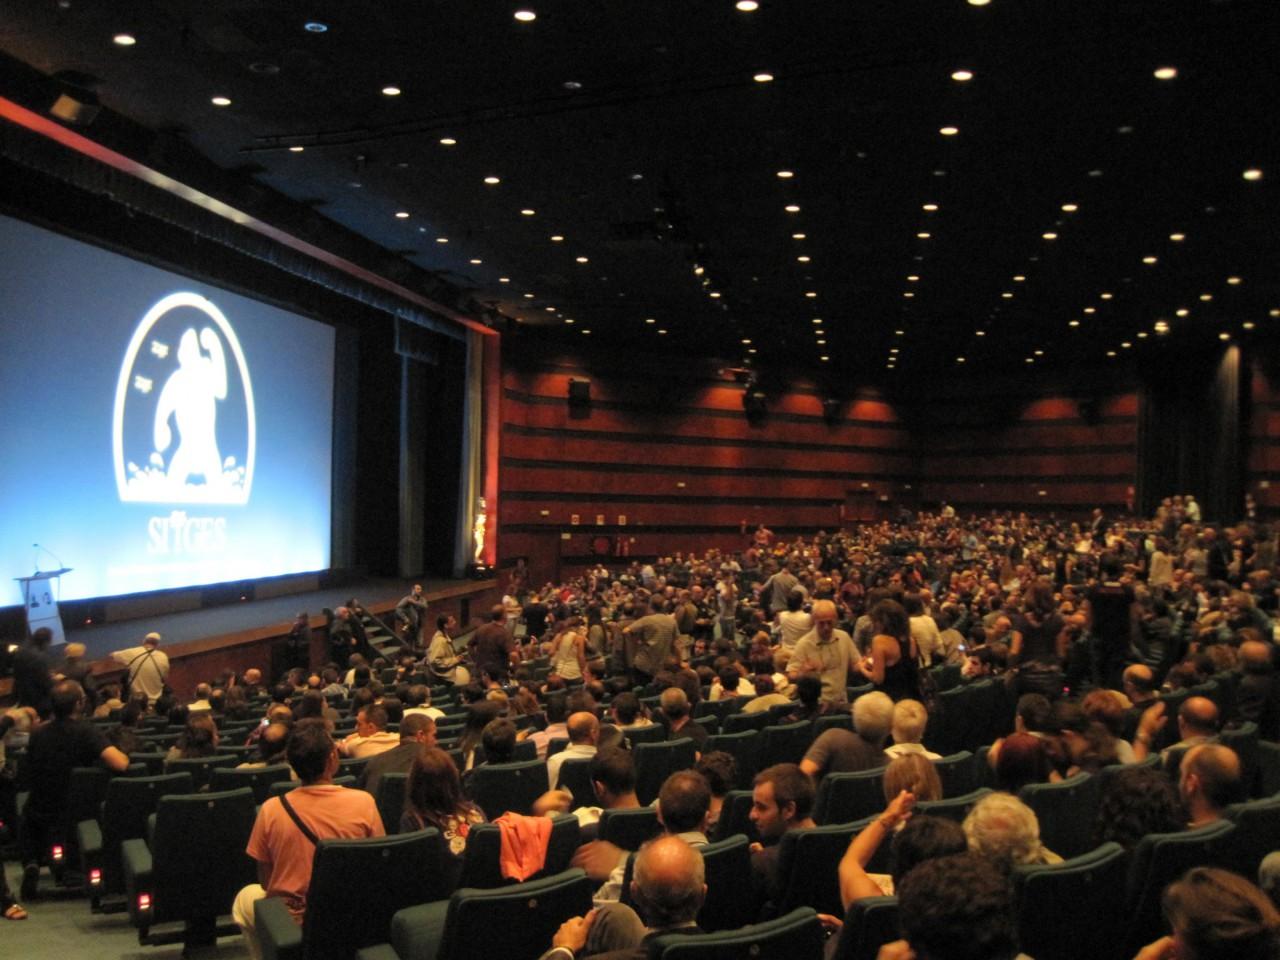 Vuelve la fiesta del cine por 2,90€ : lunes 24, martes 25 y miércoles 26 de octubre de 2016